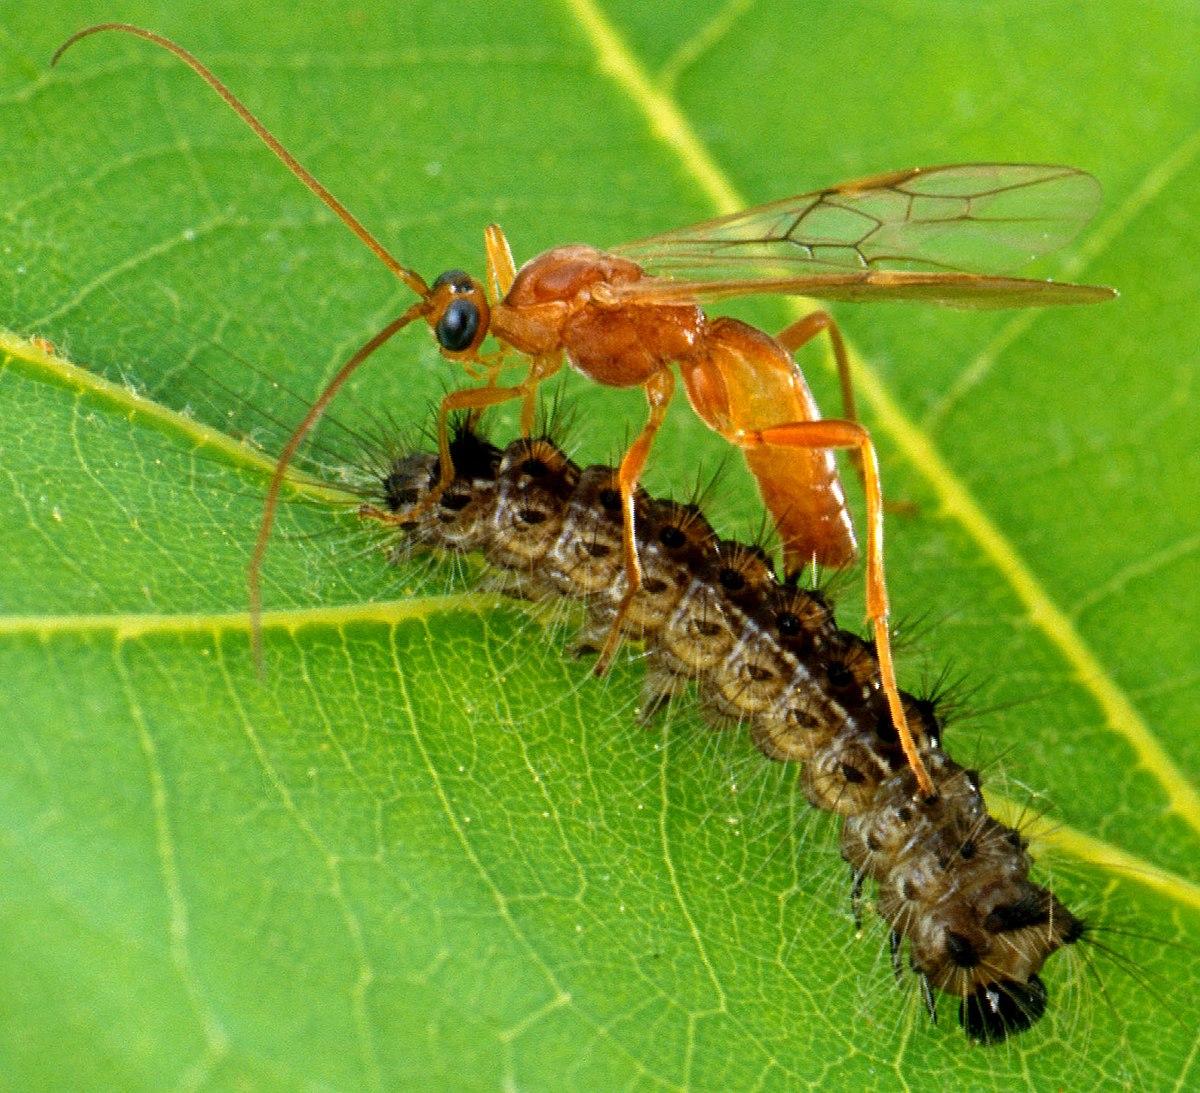 a szarvasmarha galandférge parazita paraziták kiutasításának felülvizsgálata